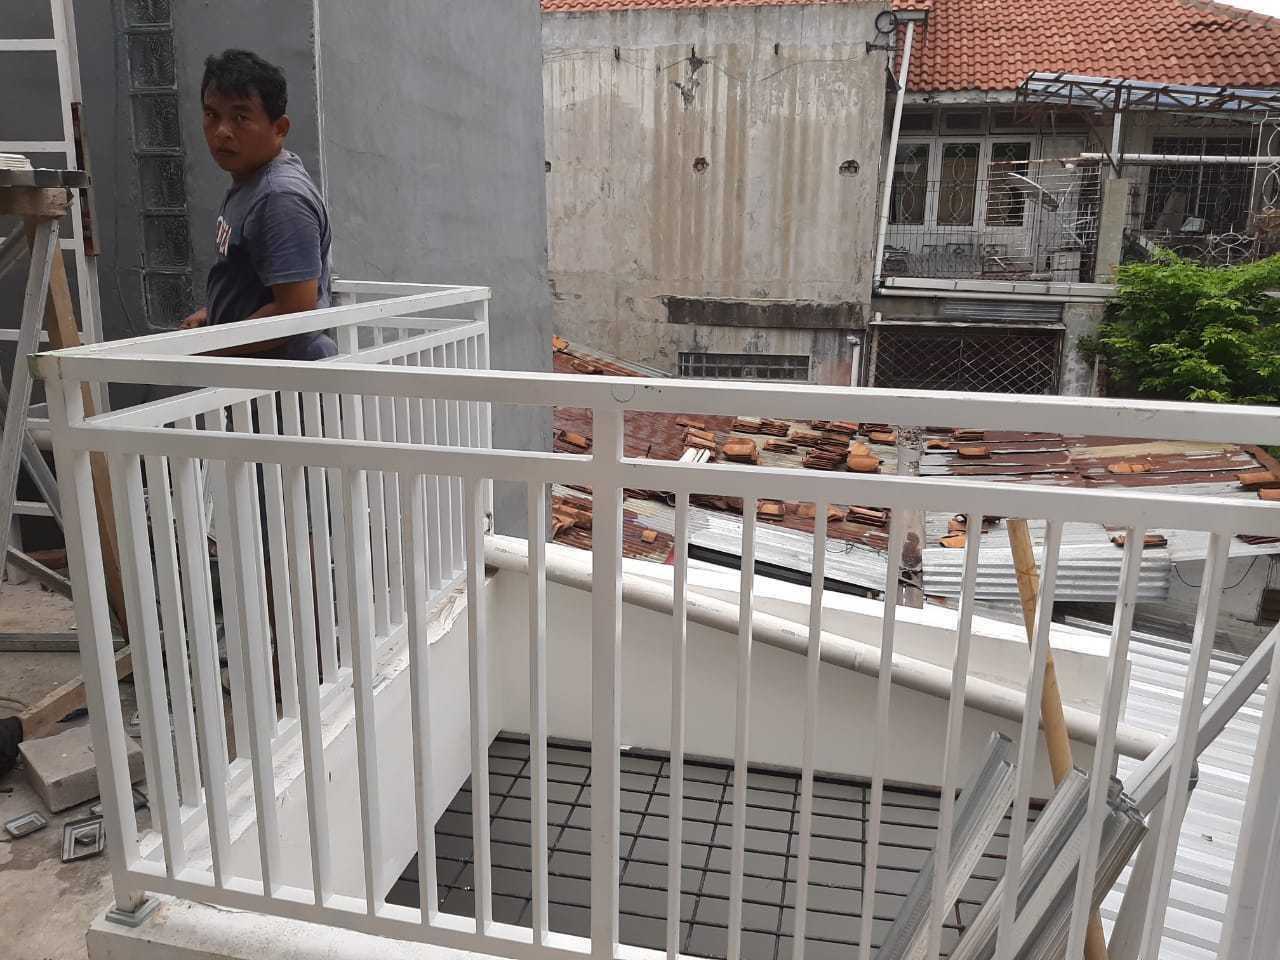 Jet Construction Renovasi Garasi Kec. Tebet, Kota Jakarta Selatan, Daerah Khusus Ibukota Jakarta, Indonesia Kec. Tebet, Kota Jakarta Selatan, Daerah Khusus Ibukota Jakarta, Indonesia Jet-Construction-Renovasi-Garasi   106975